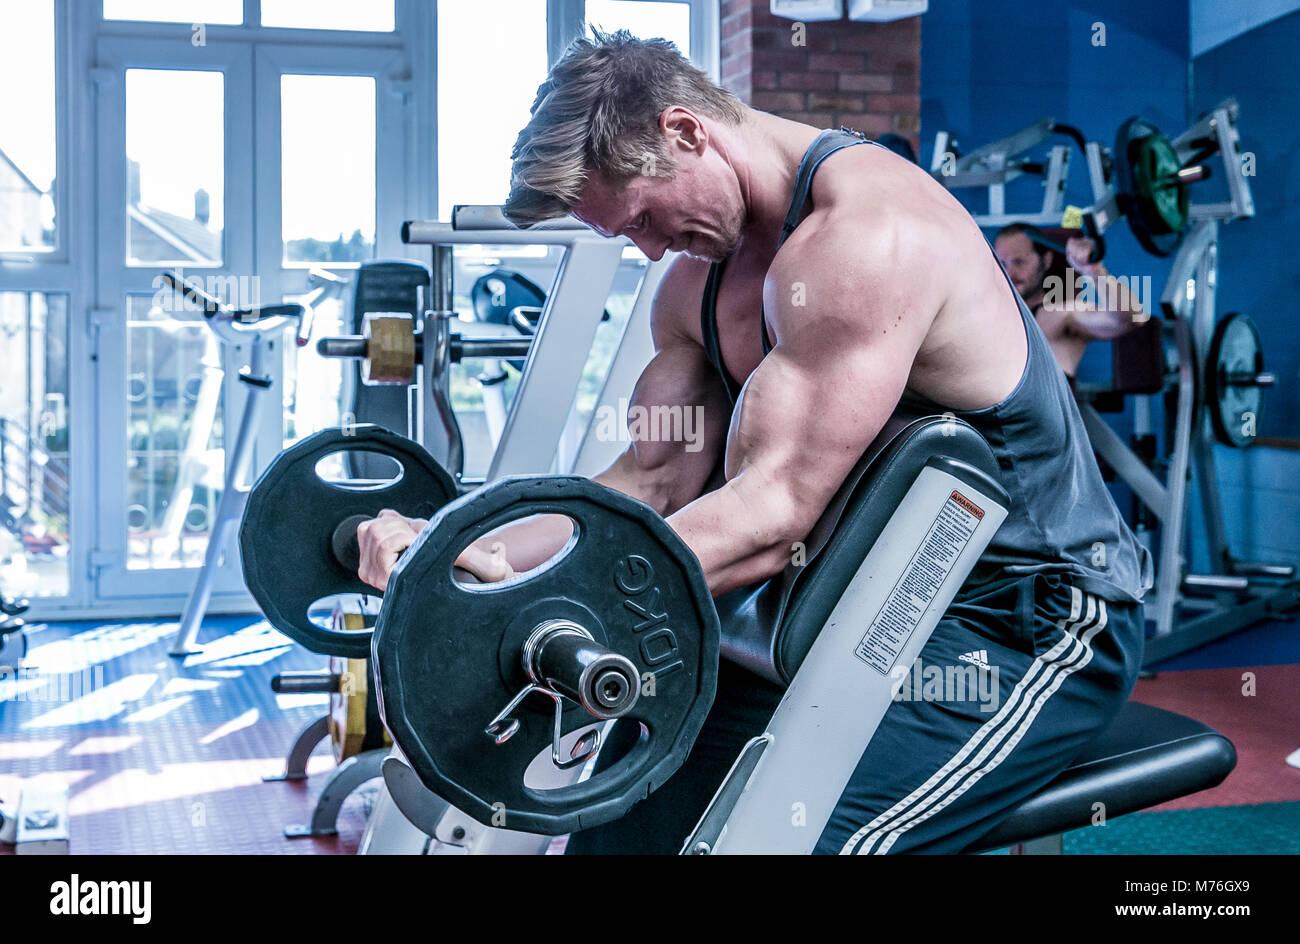 Muscolare di uomo che lavora fuori con pesi nella palestra Immagini Stock